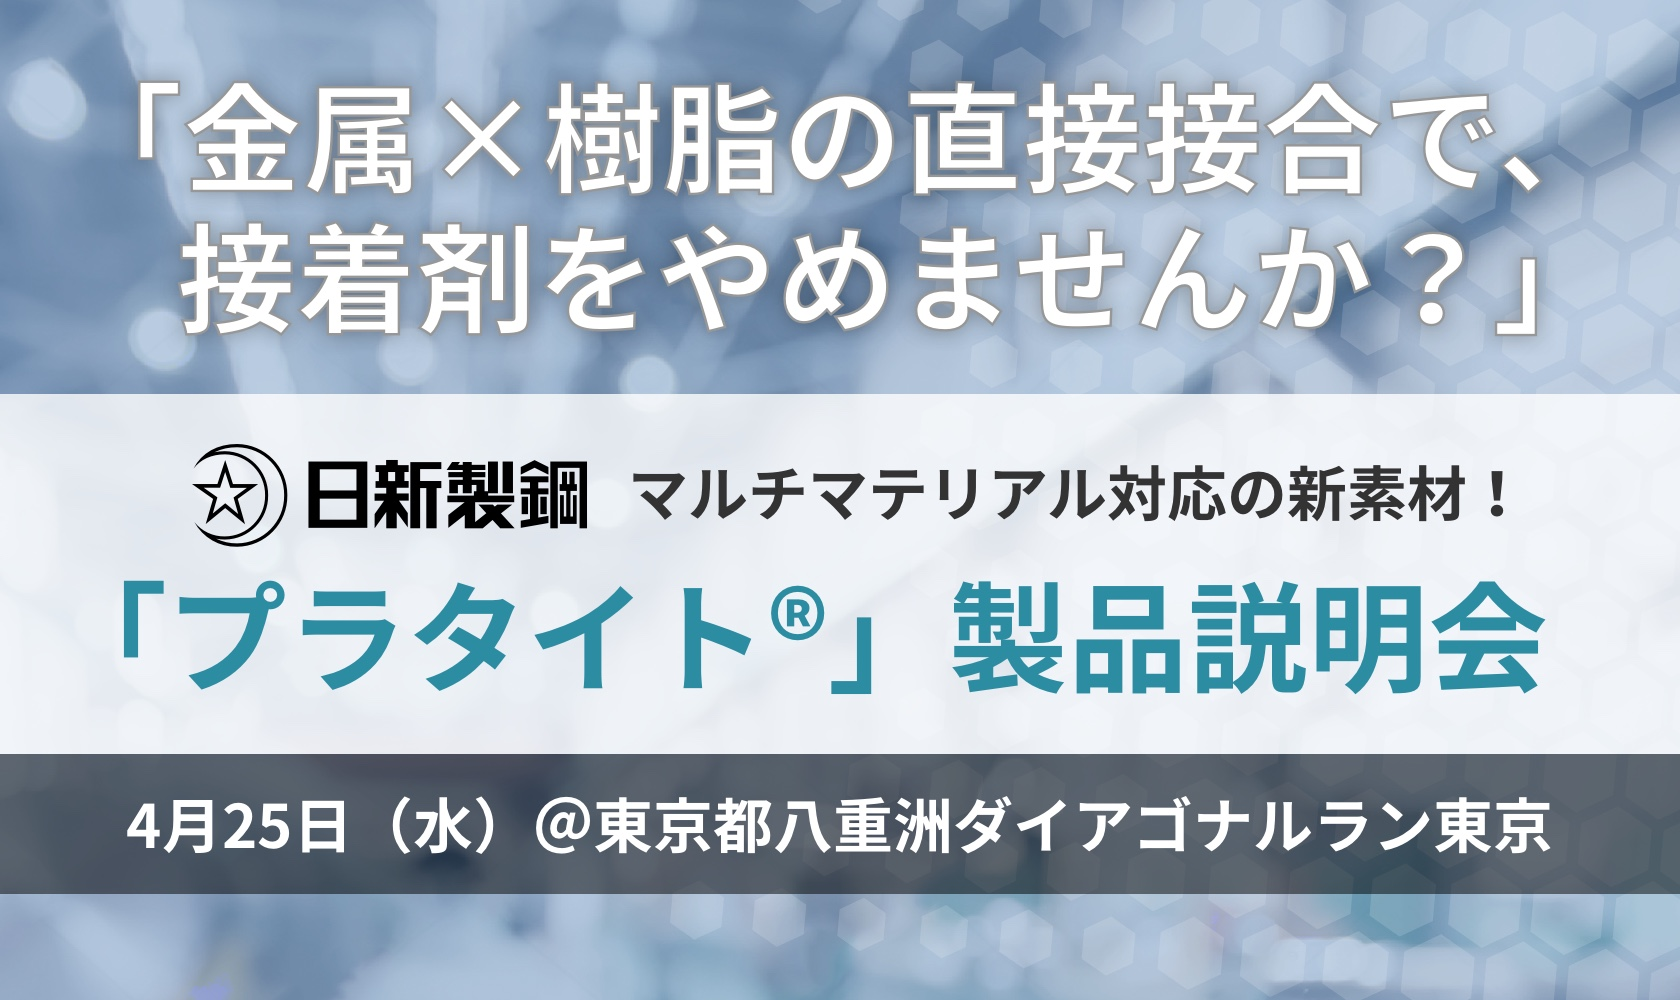 4月25日(水)13:00~17:30(受付開始12:30)日新製鋼の新素材「プラタイト®」製品説明会